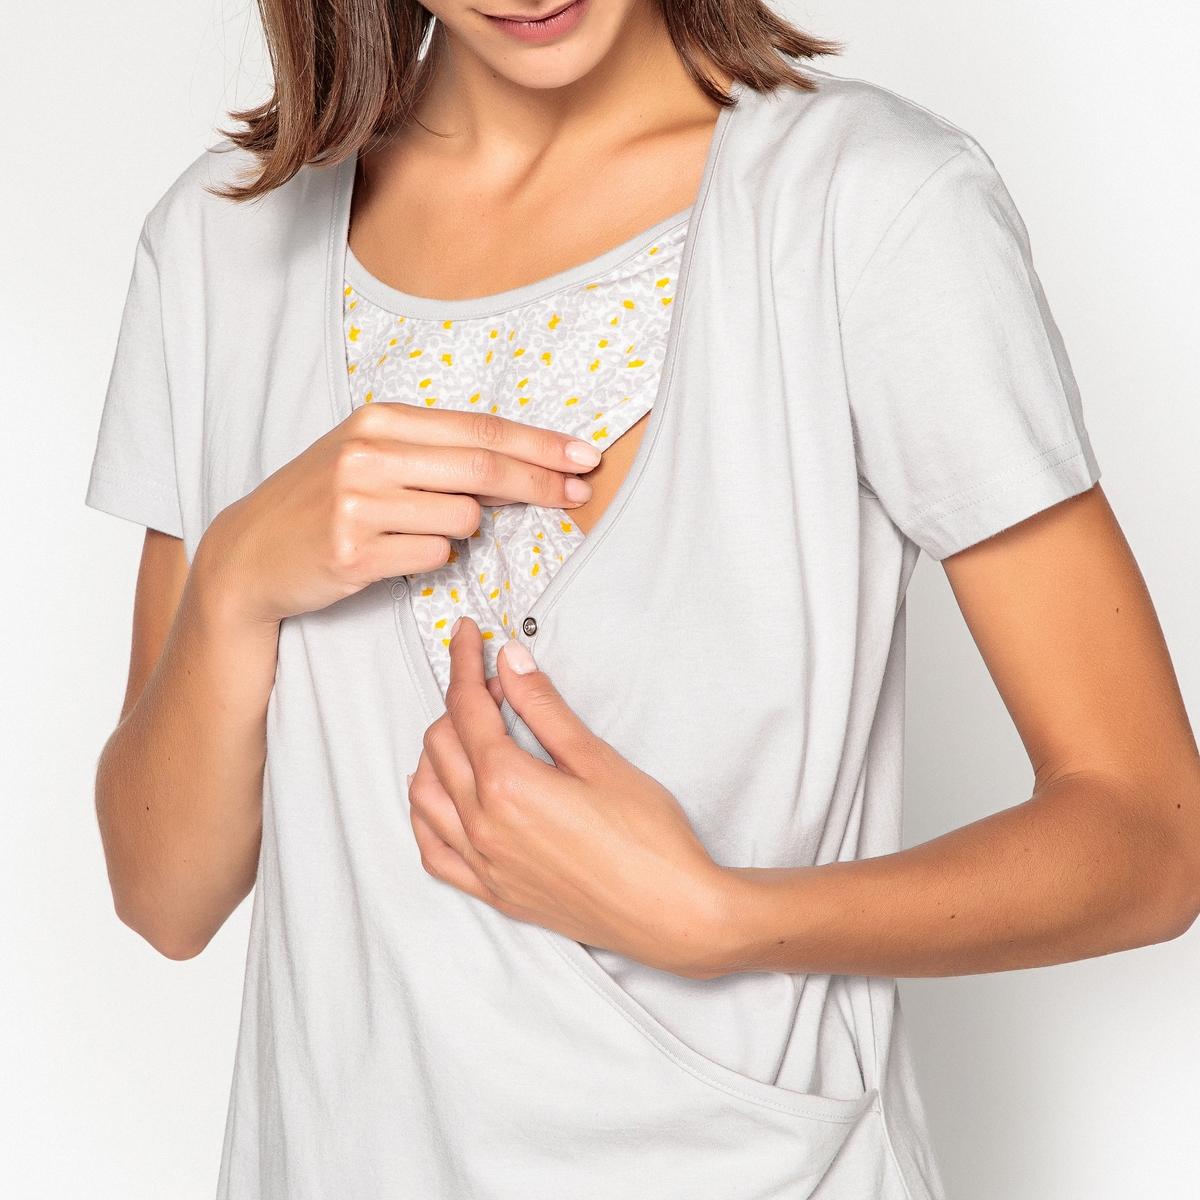 Pijama para grávida, especial amamentação